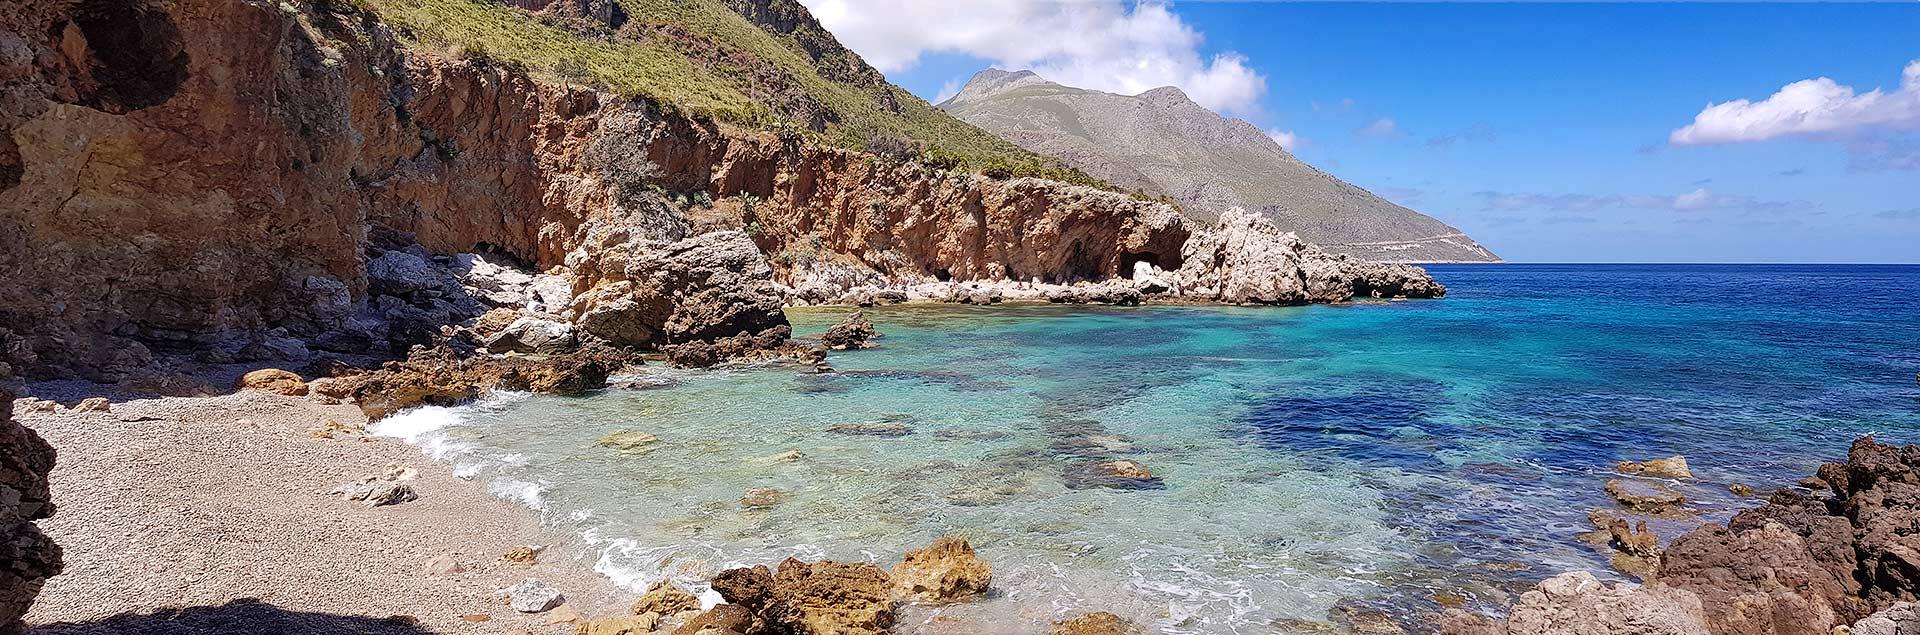 The pebble beach of Cala della Disa